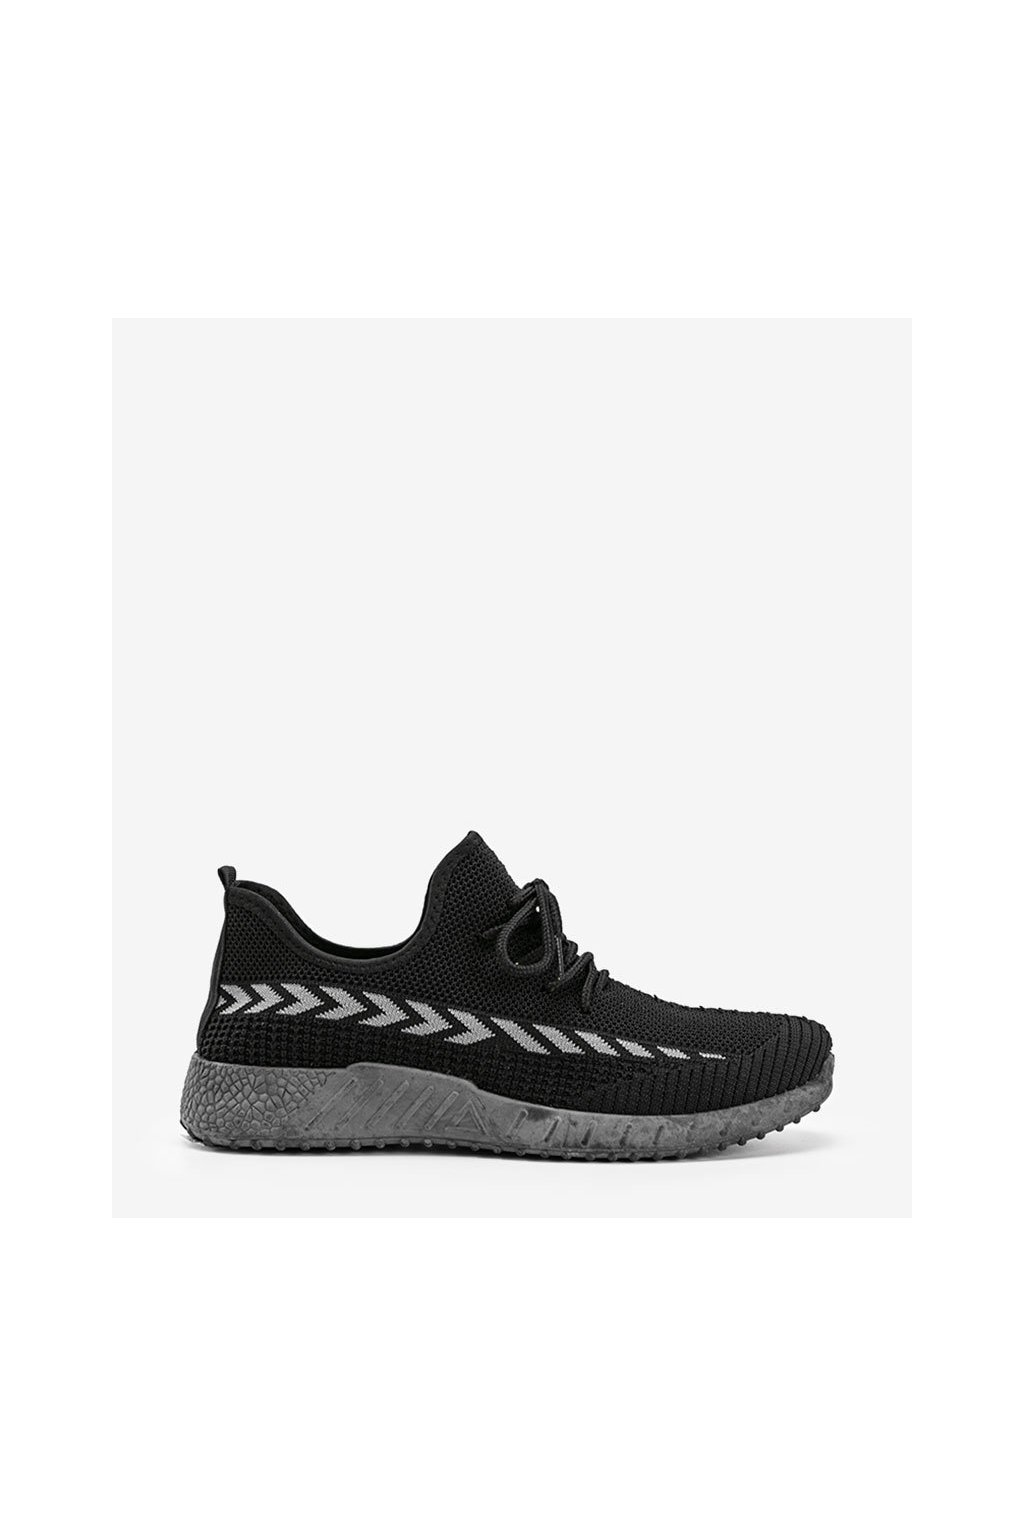 Pánske topánky tenisky čierne kód A9787 - GM